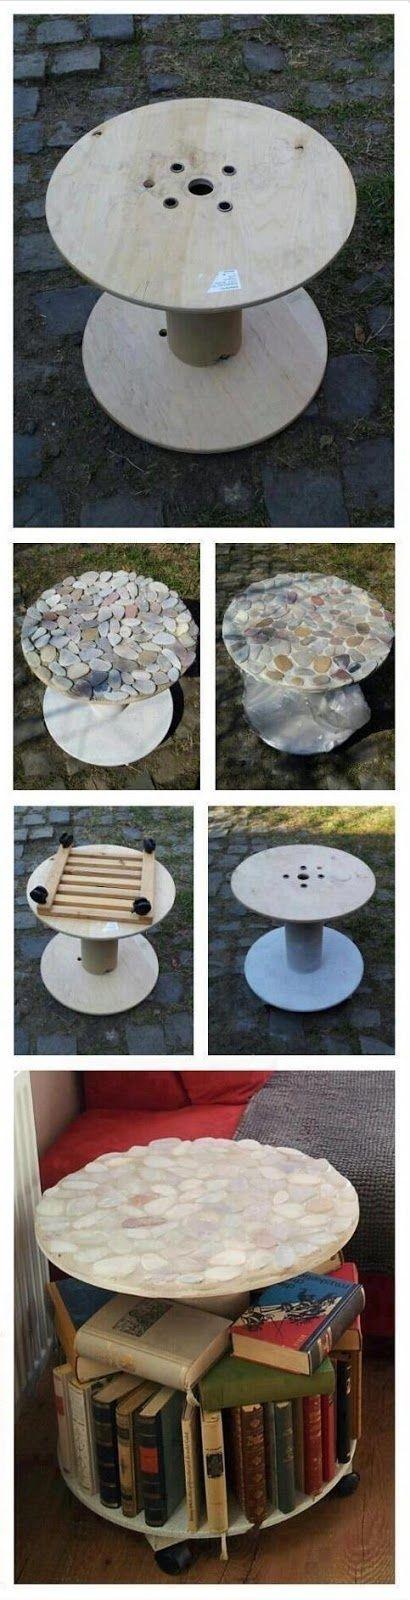 Una mwsa Reciclada a esto le  agregaria frague que se uda para la union de baldosas asi tener una superficie mas lisa y mejor acabada  Make a table by recycling spool